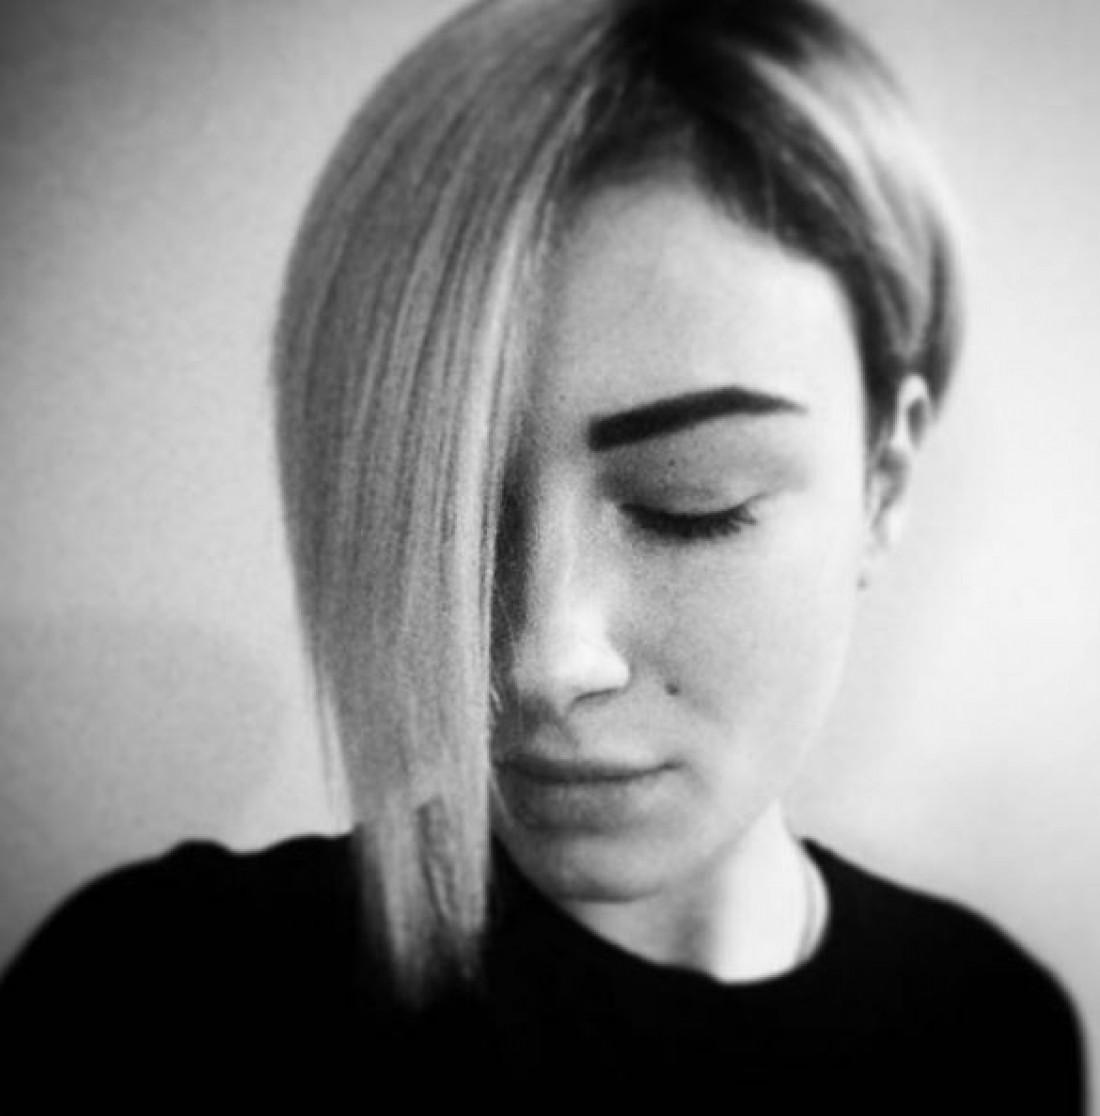 Анастасия Приходько обрезала волосы